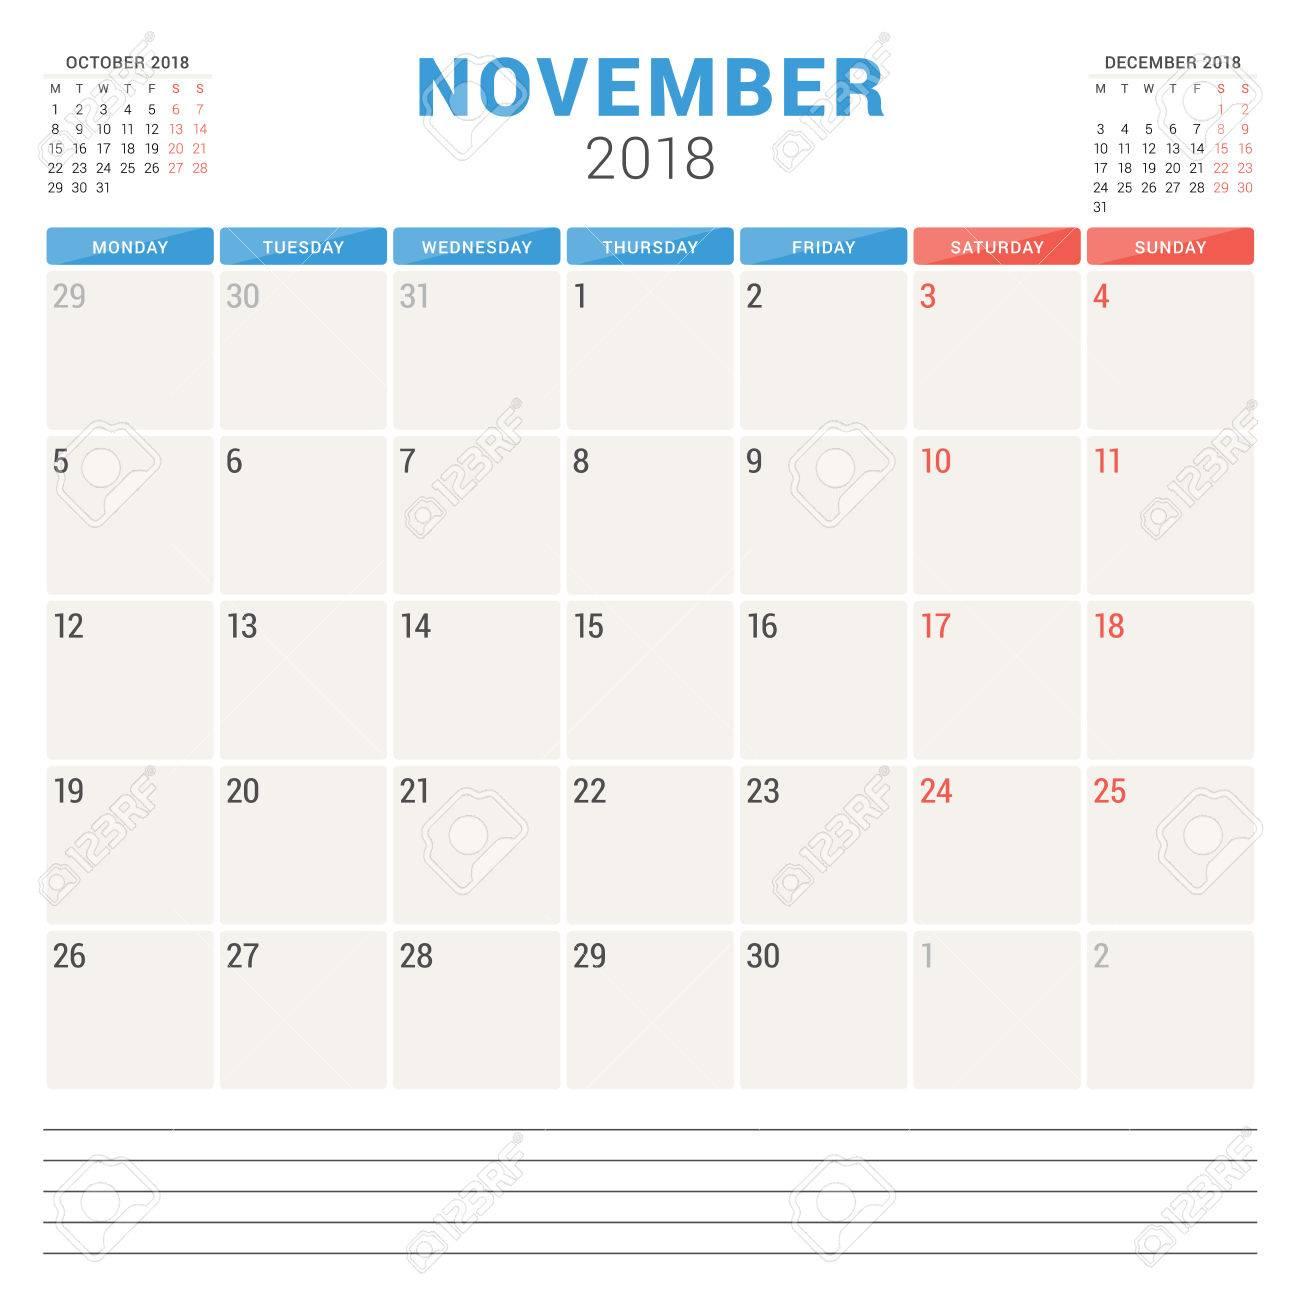 Calendrier Hebreu.Novembre Planner Calendrier Vecteur De Conception De Modele Conception De Semaine Sur La Conception De La Papeterie En Hebreu